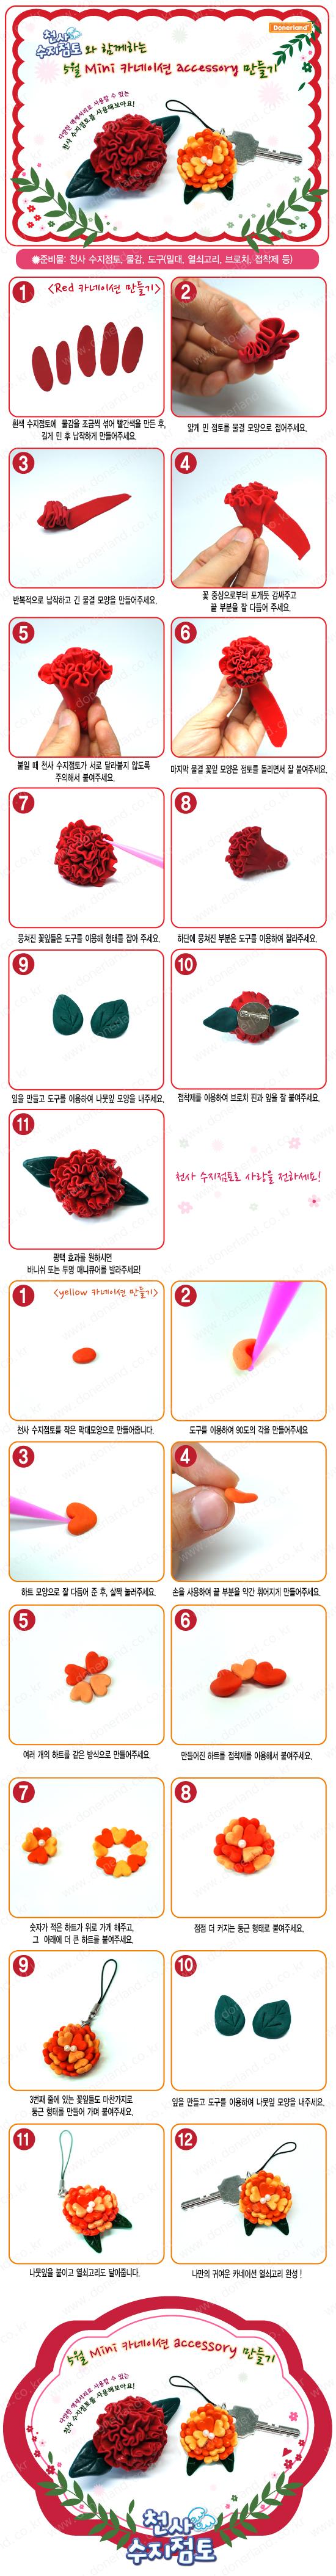 천사 수지점토와 함께하는 5월 Mini accessory 만들기